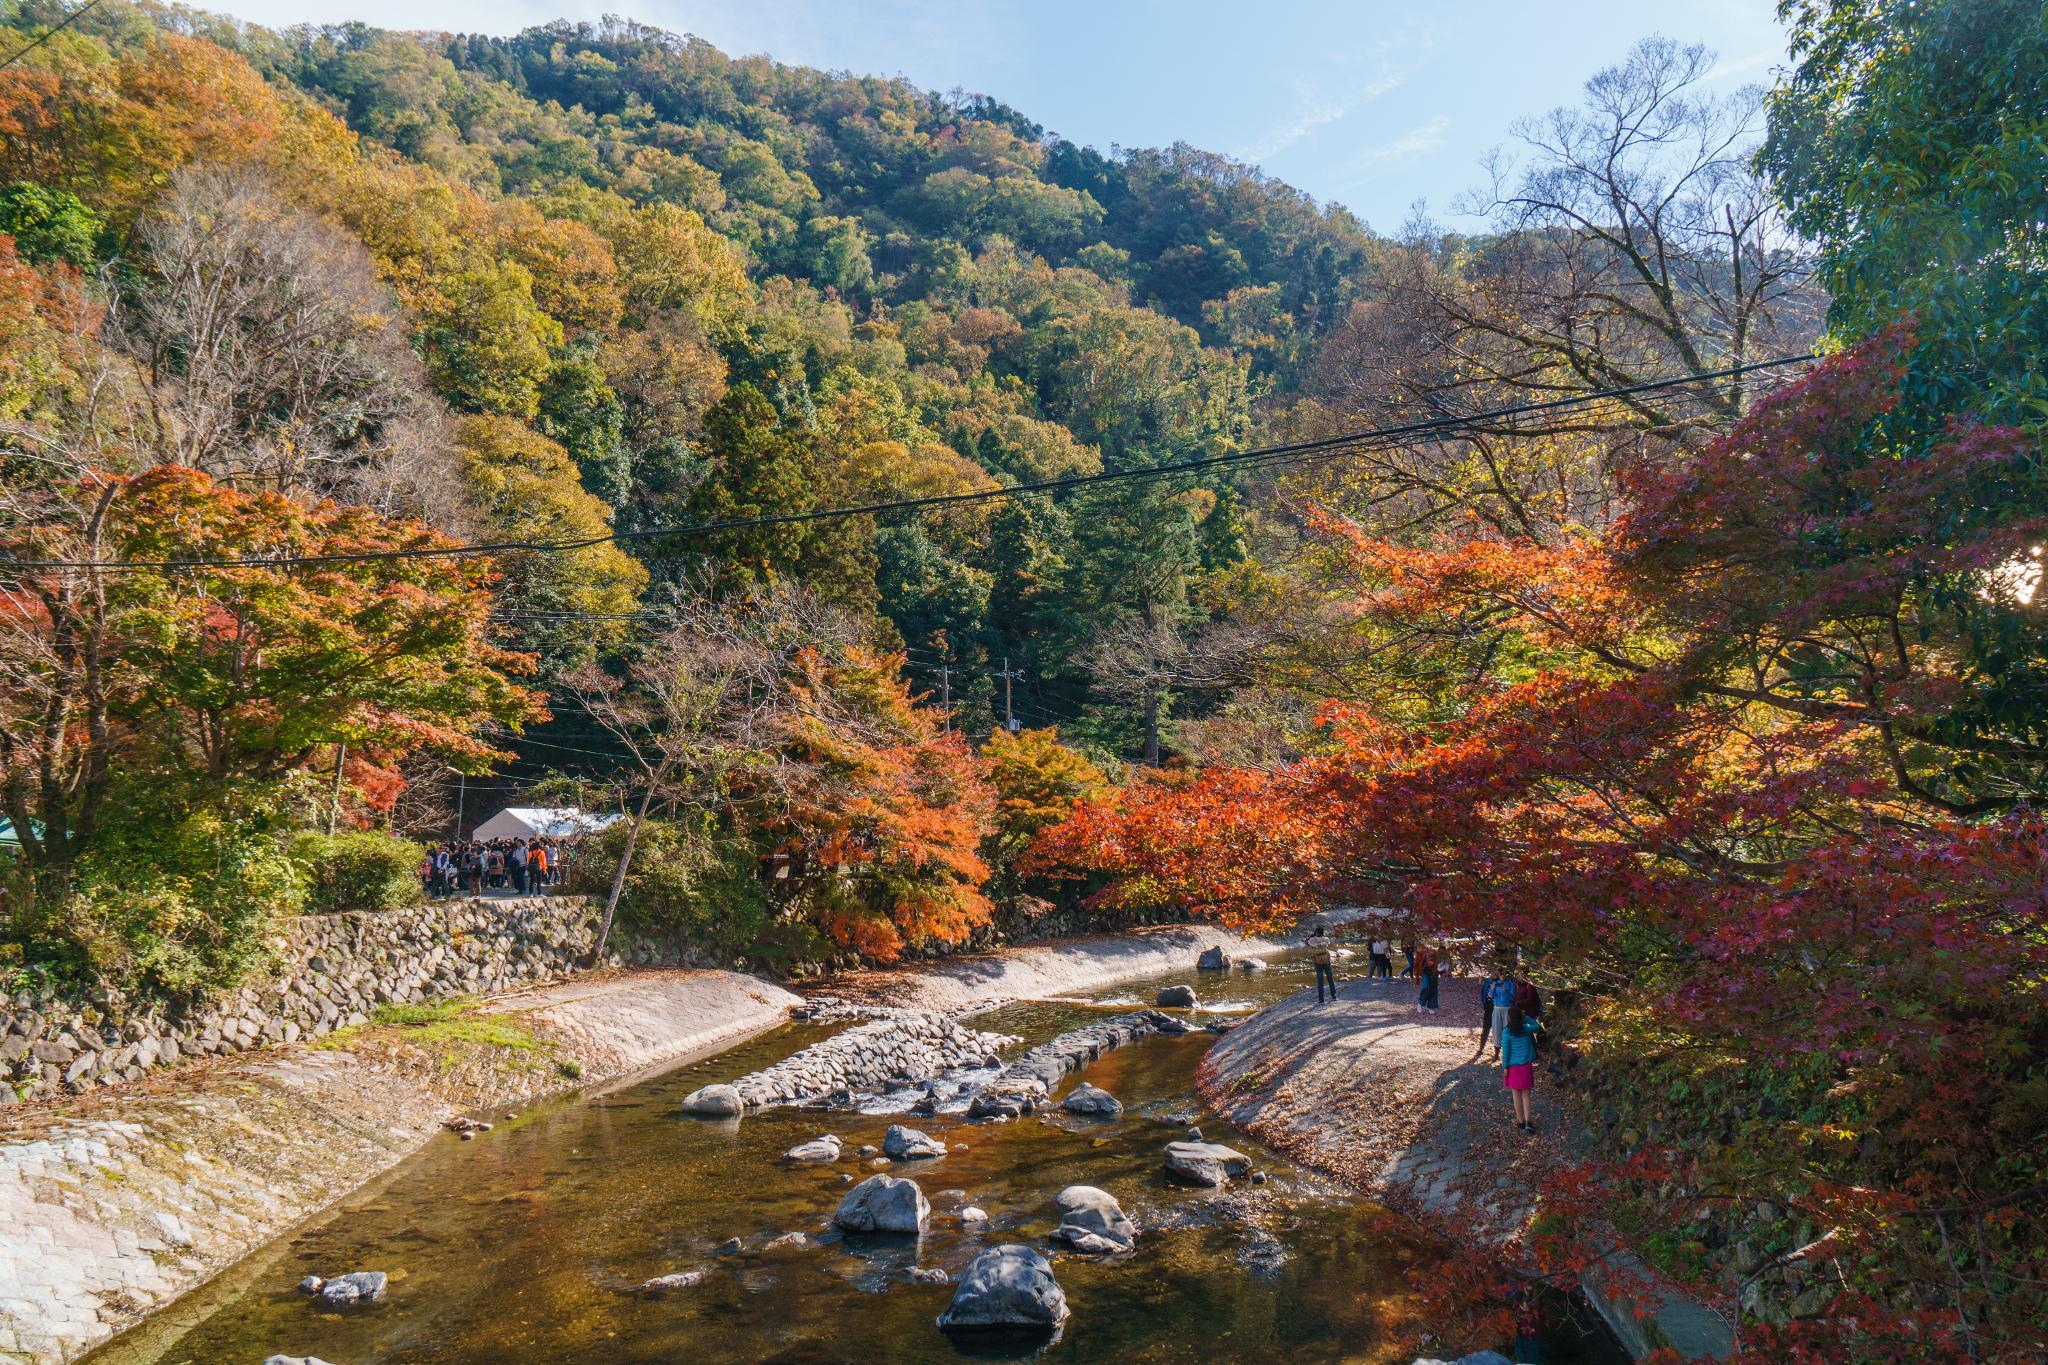 【京都】如夢似幻的琉璃光影 - 八瀨琉璃光院 70